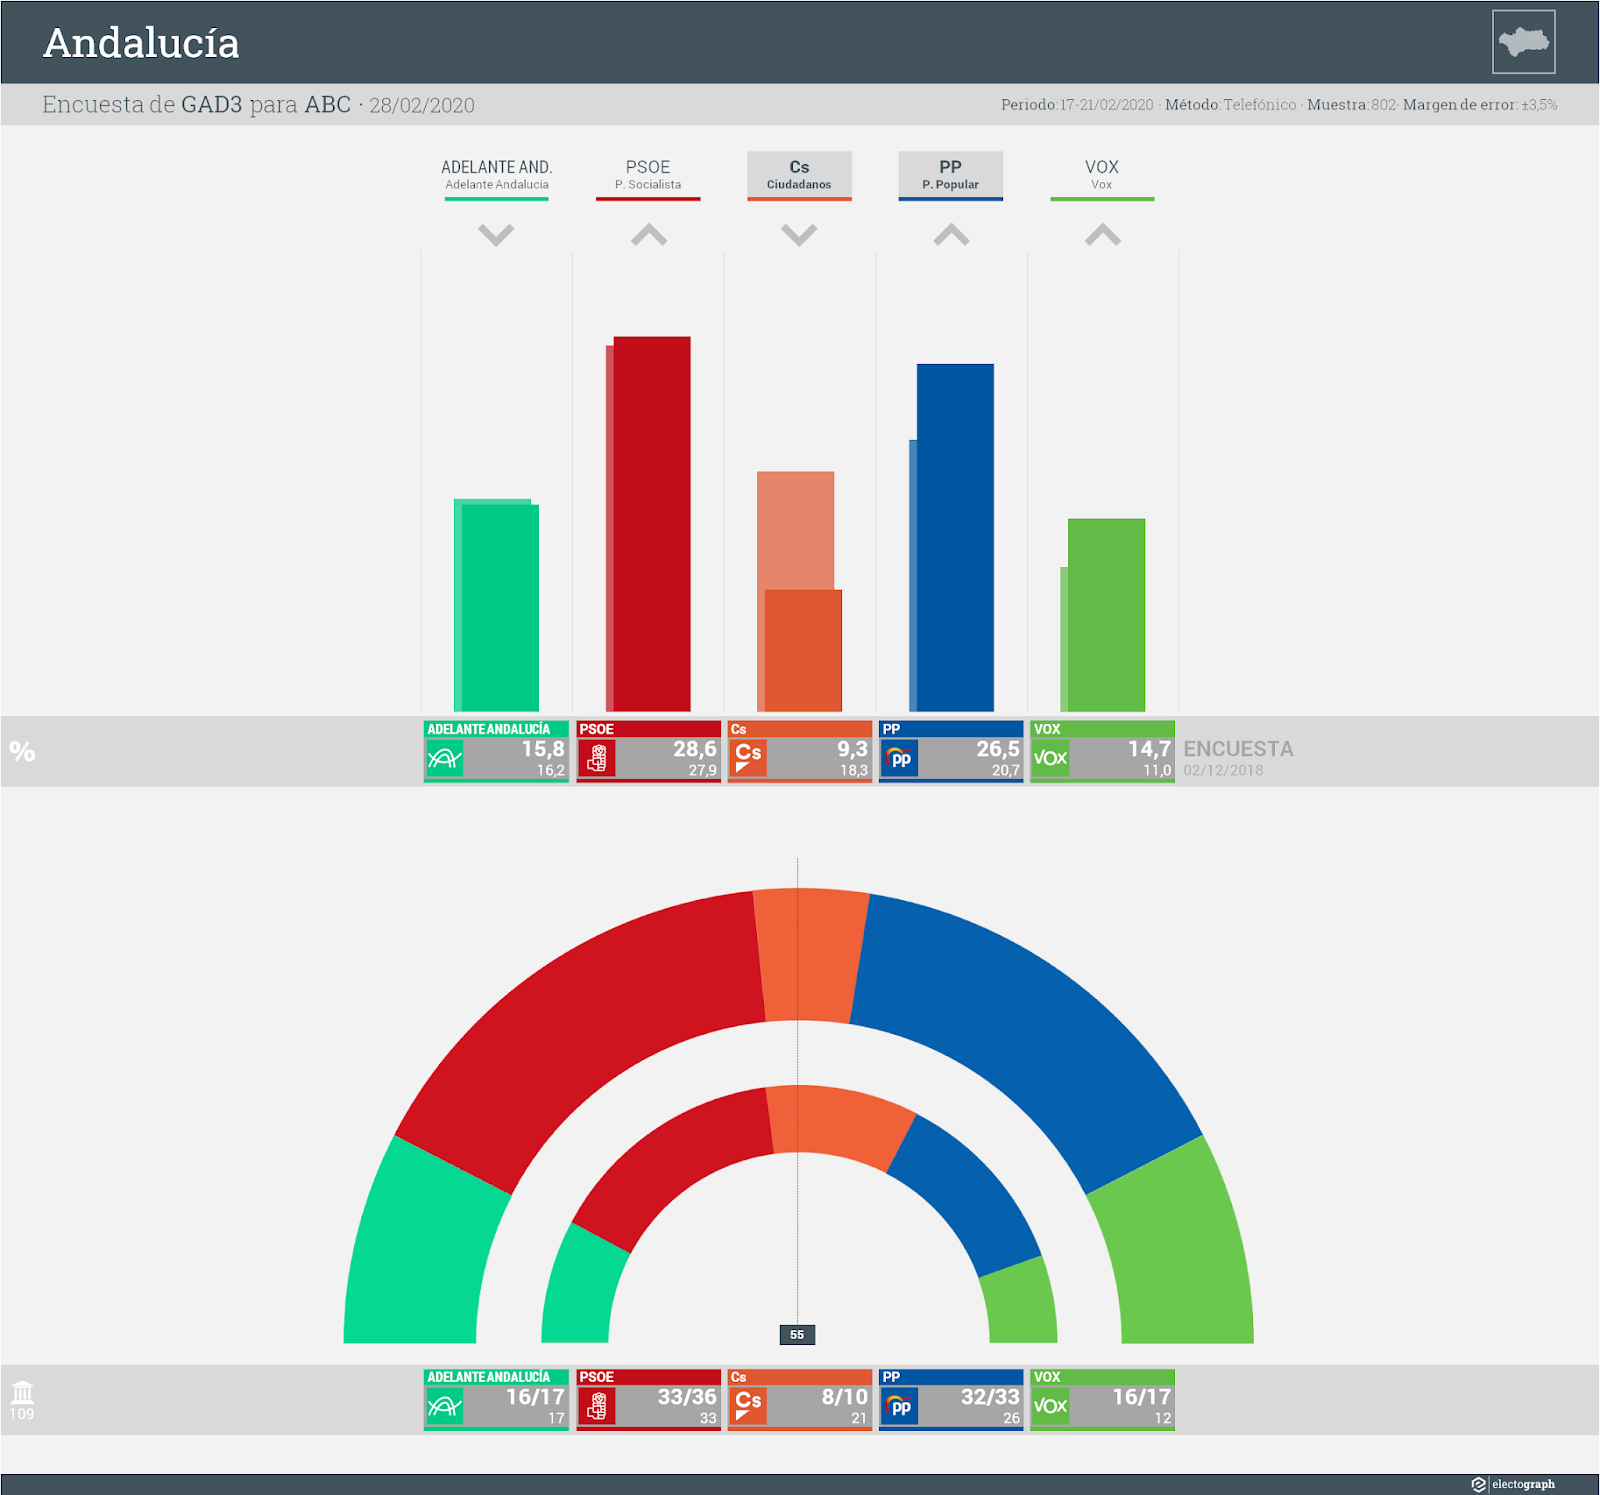 Gráfico de la encuesta para elecciones autonómicas en Andalucía realizada por GAD3 para ABC, 28 de febrero de 2020